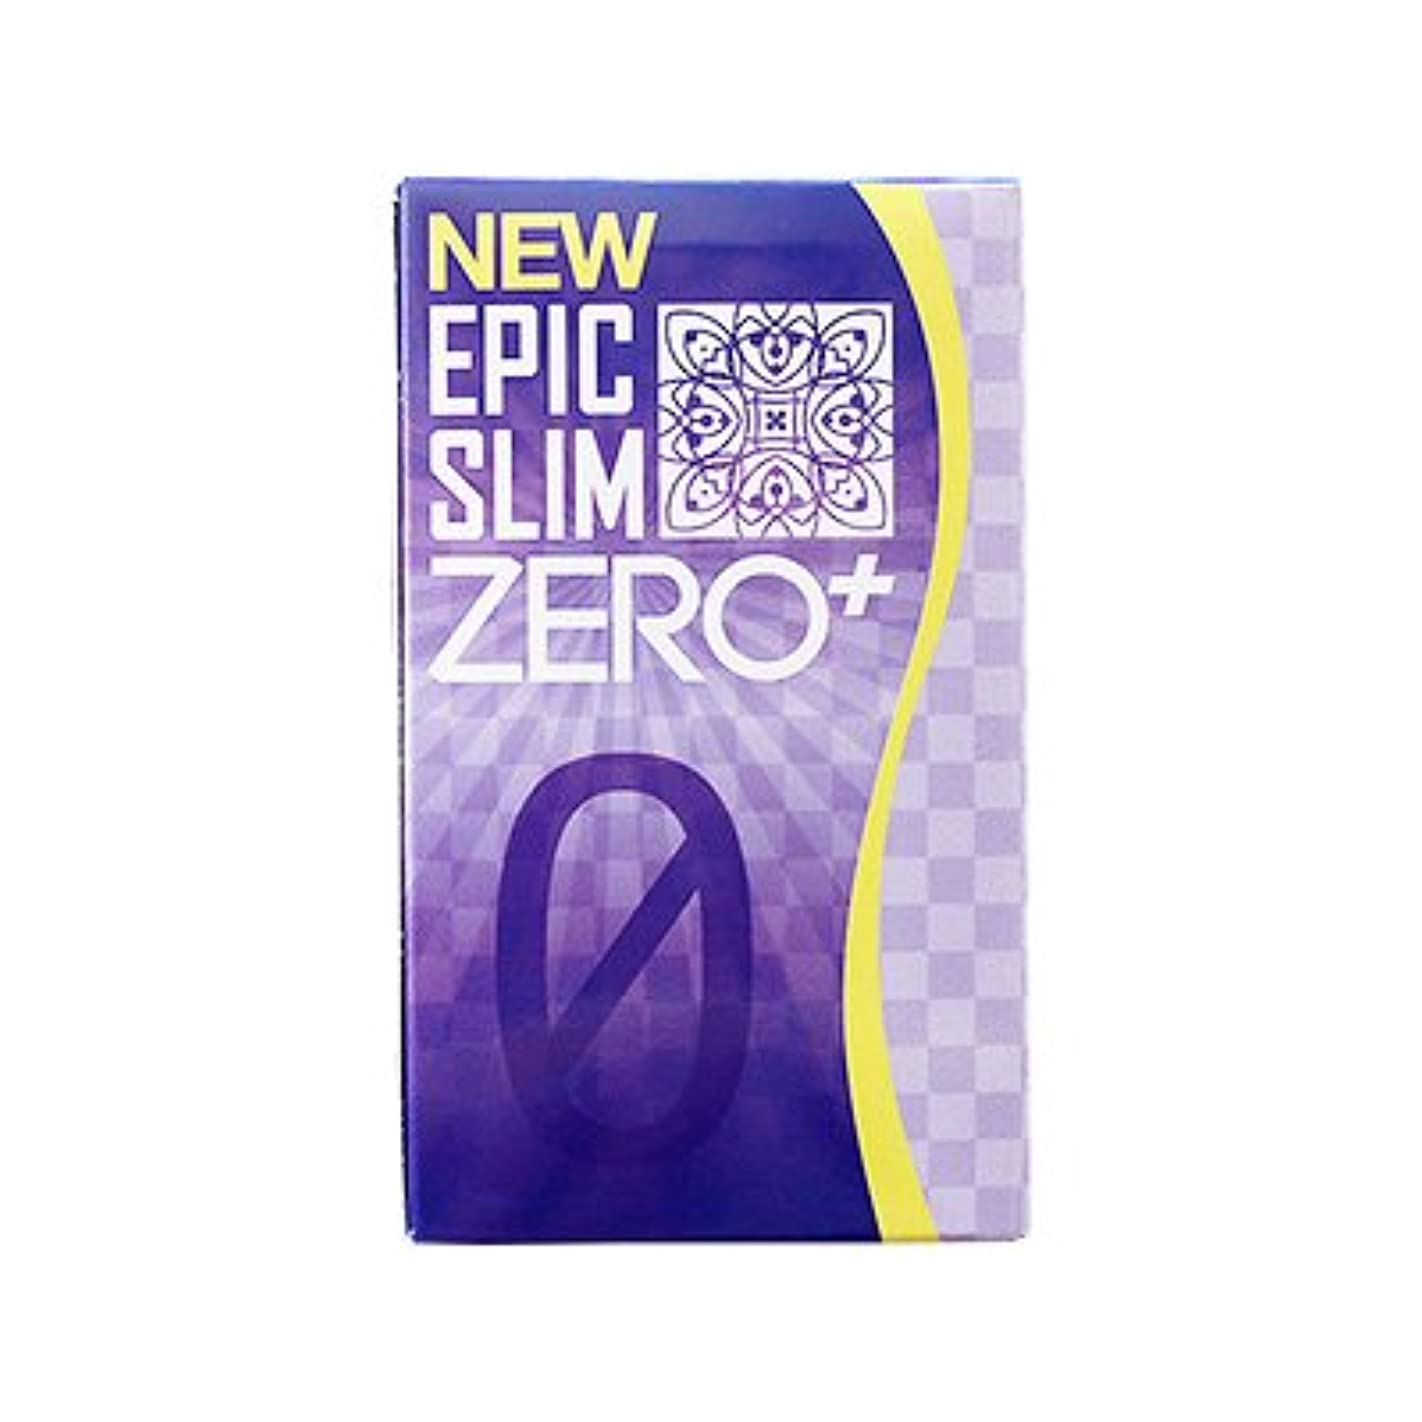 フェミニン効能ジャーナルNEW エピックスリム ゼロ+ NEW Epic Slim ZERO PLUS